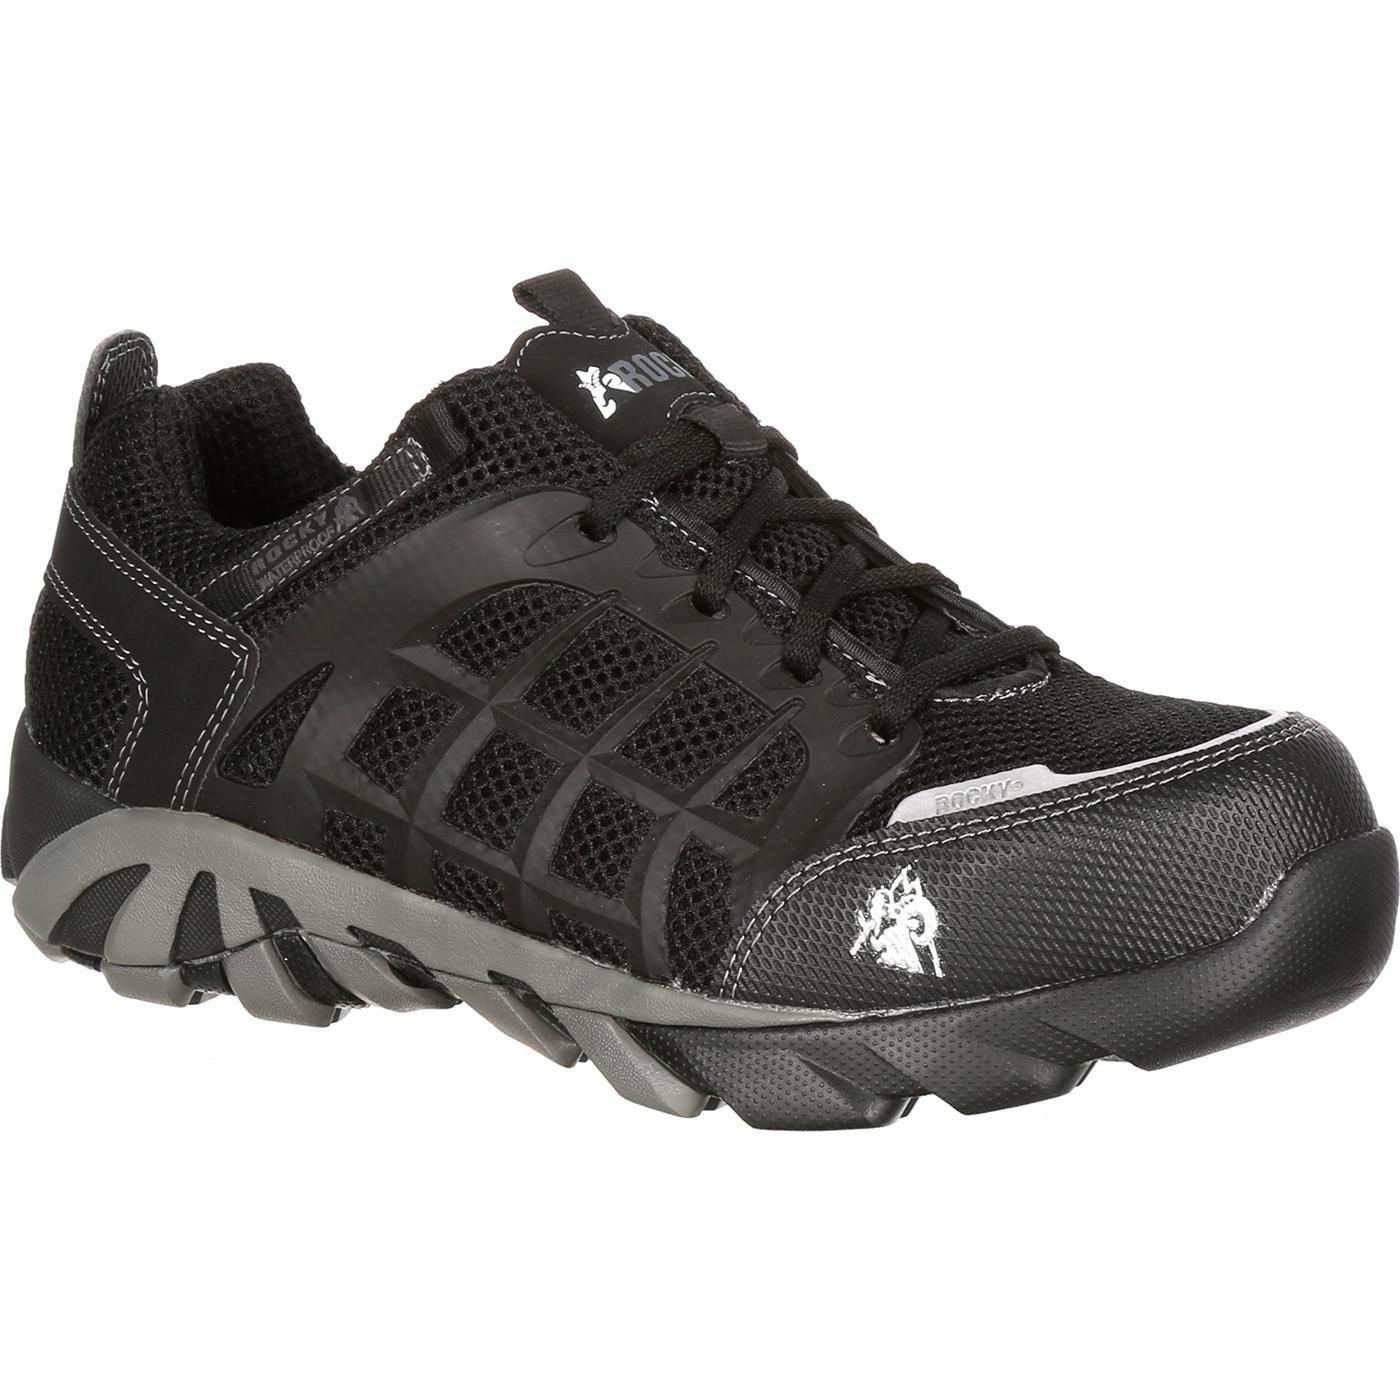 Calzado deportivo impermeable con punta de material compuesto Rocky  TrailBlade, , large